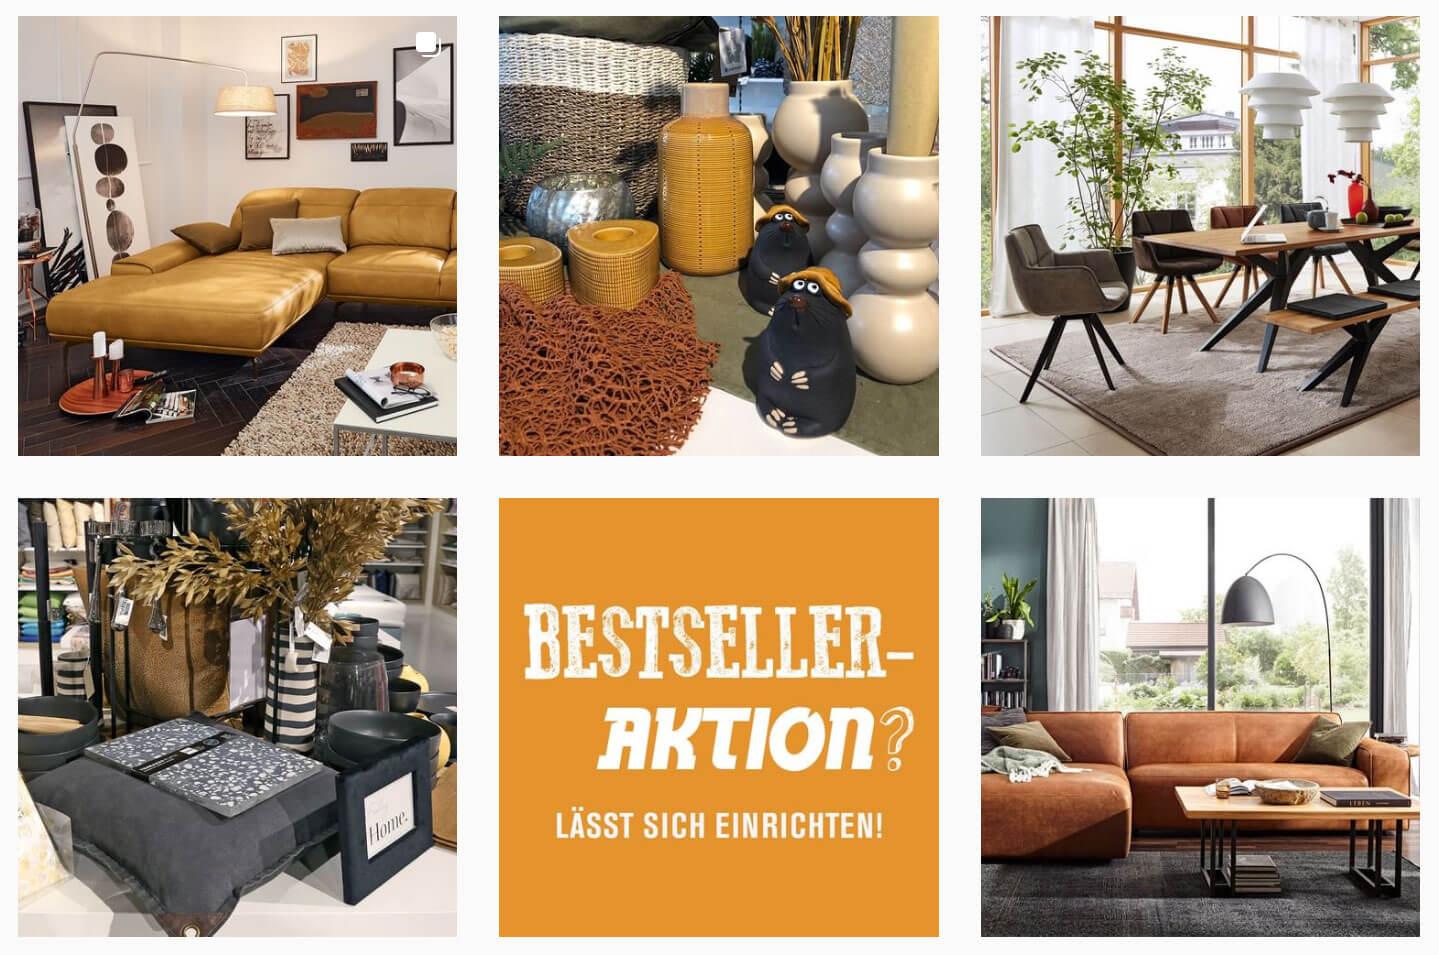 Kemner Instagram Bestseller-Aktion